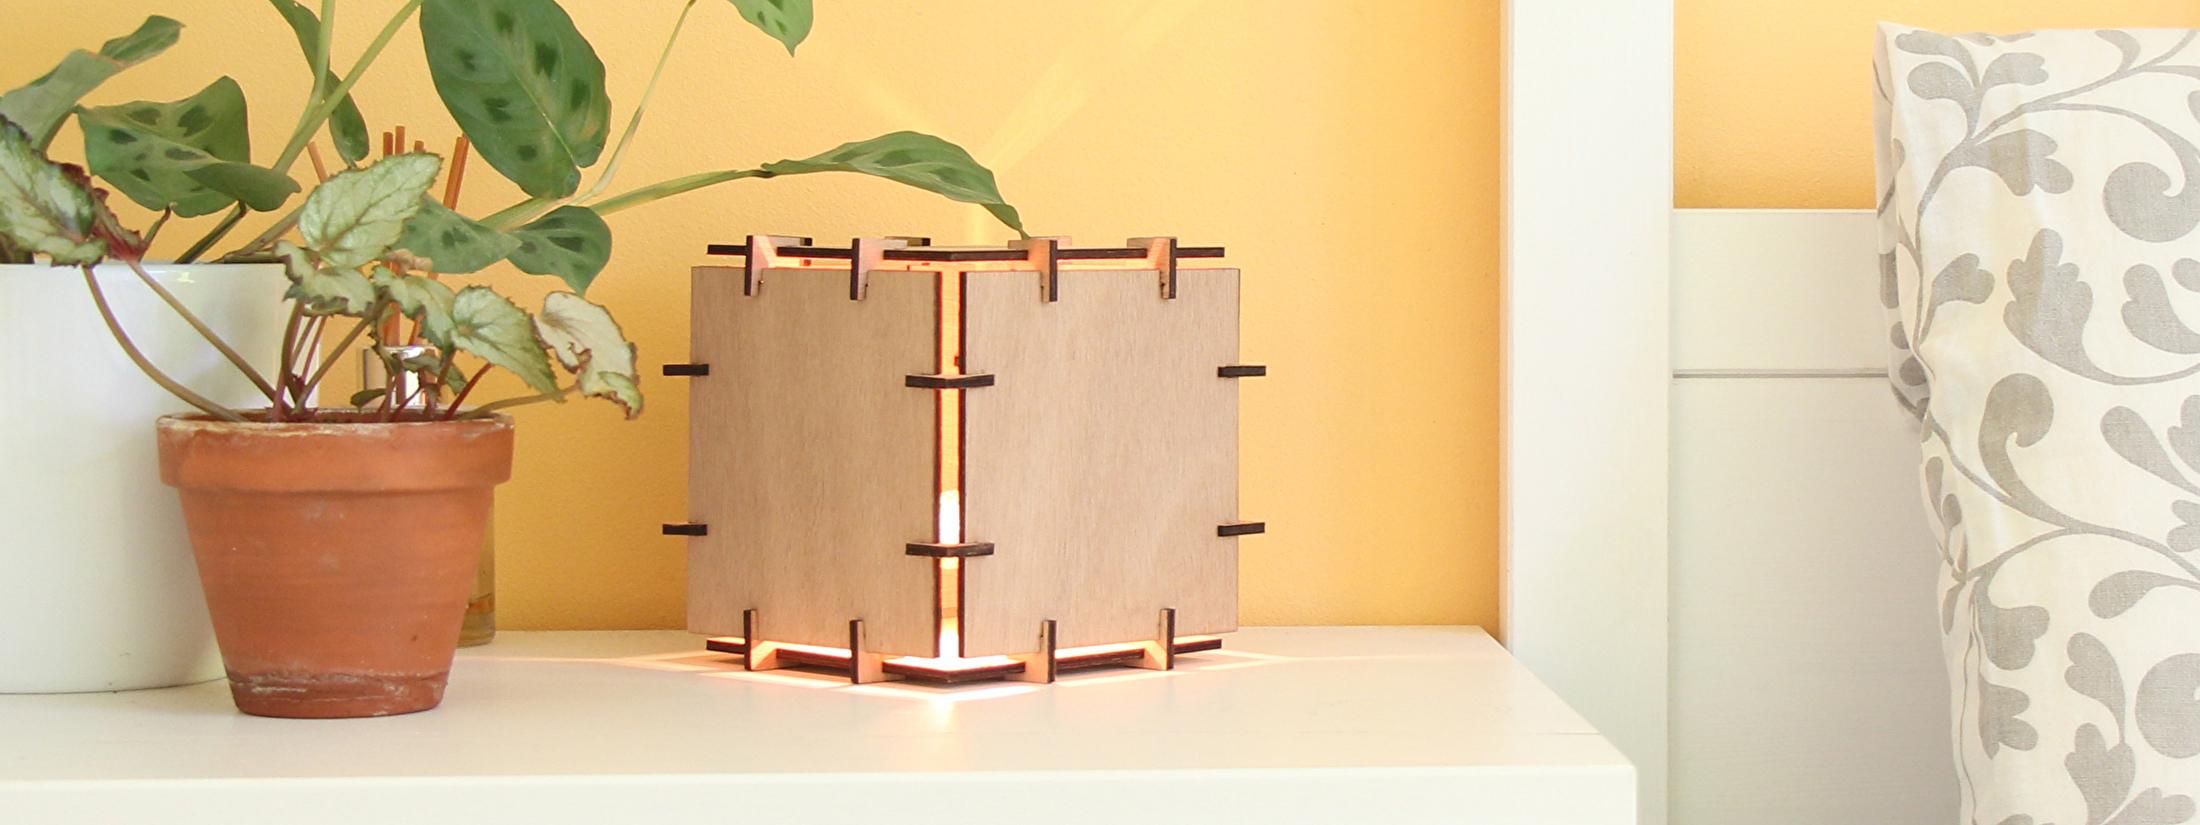 Cube tafellamp